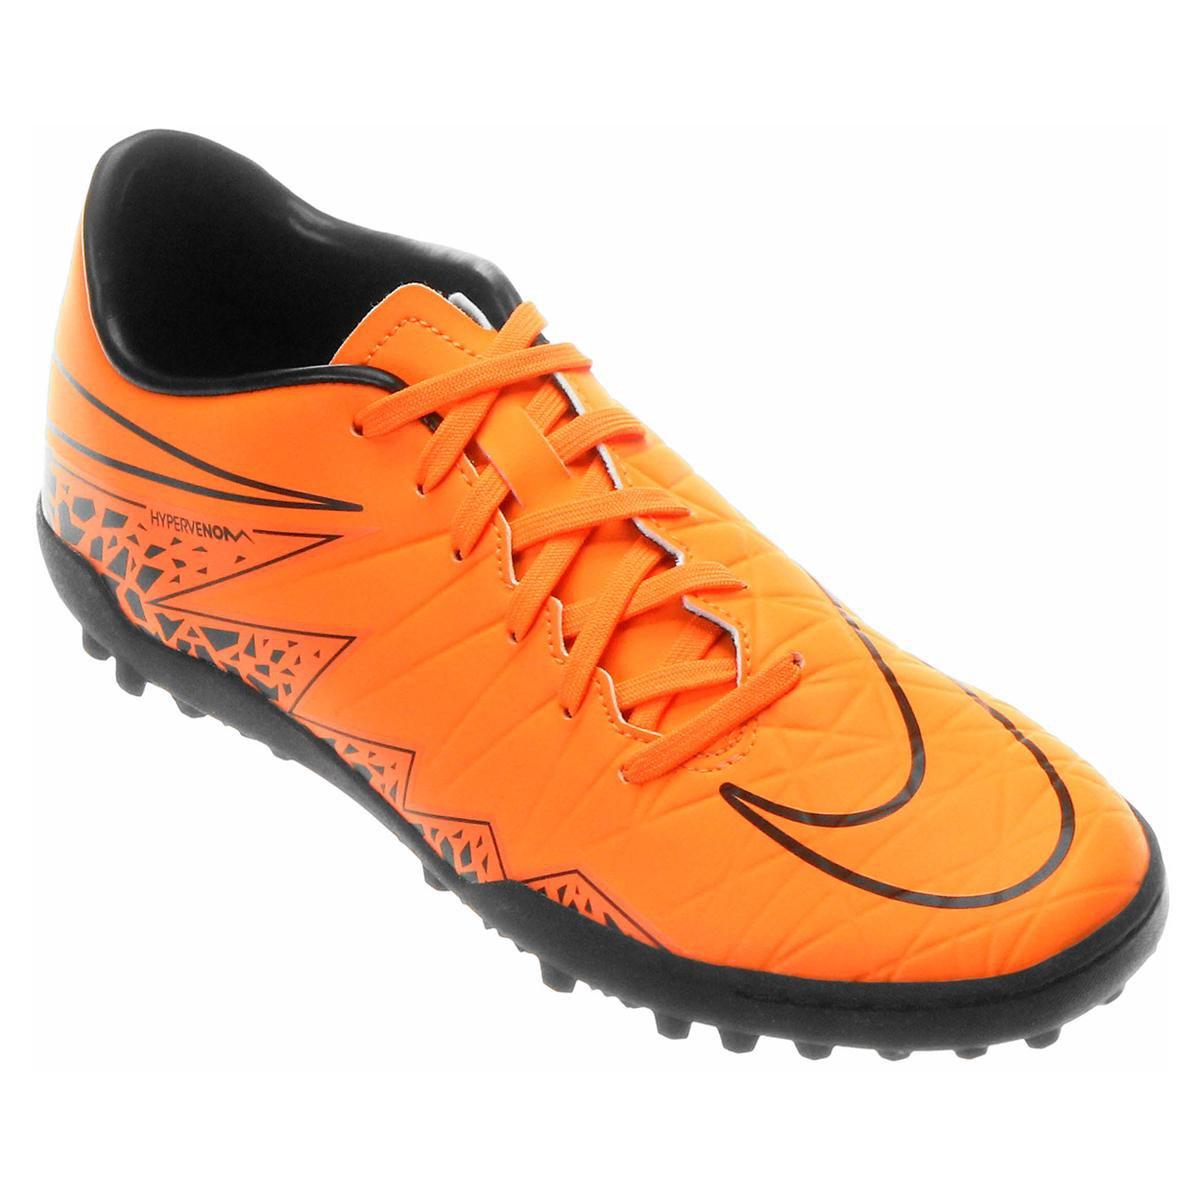 Chuteira Society Nike Hypervenom Phelon 2 TF - Compre Agora  d971de228dcfb